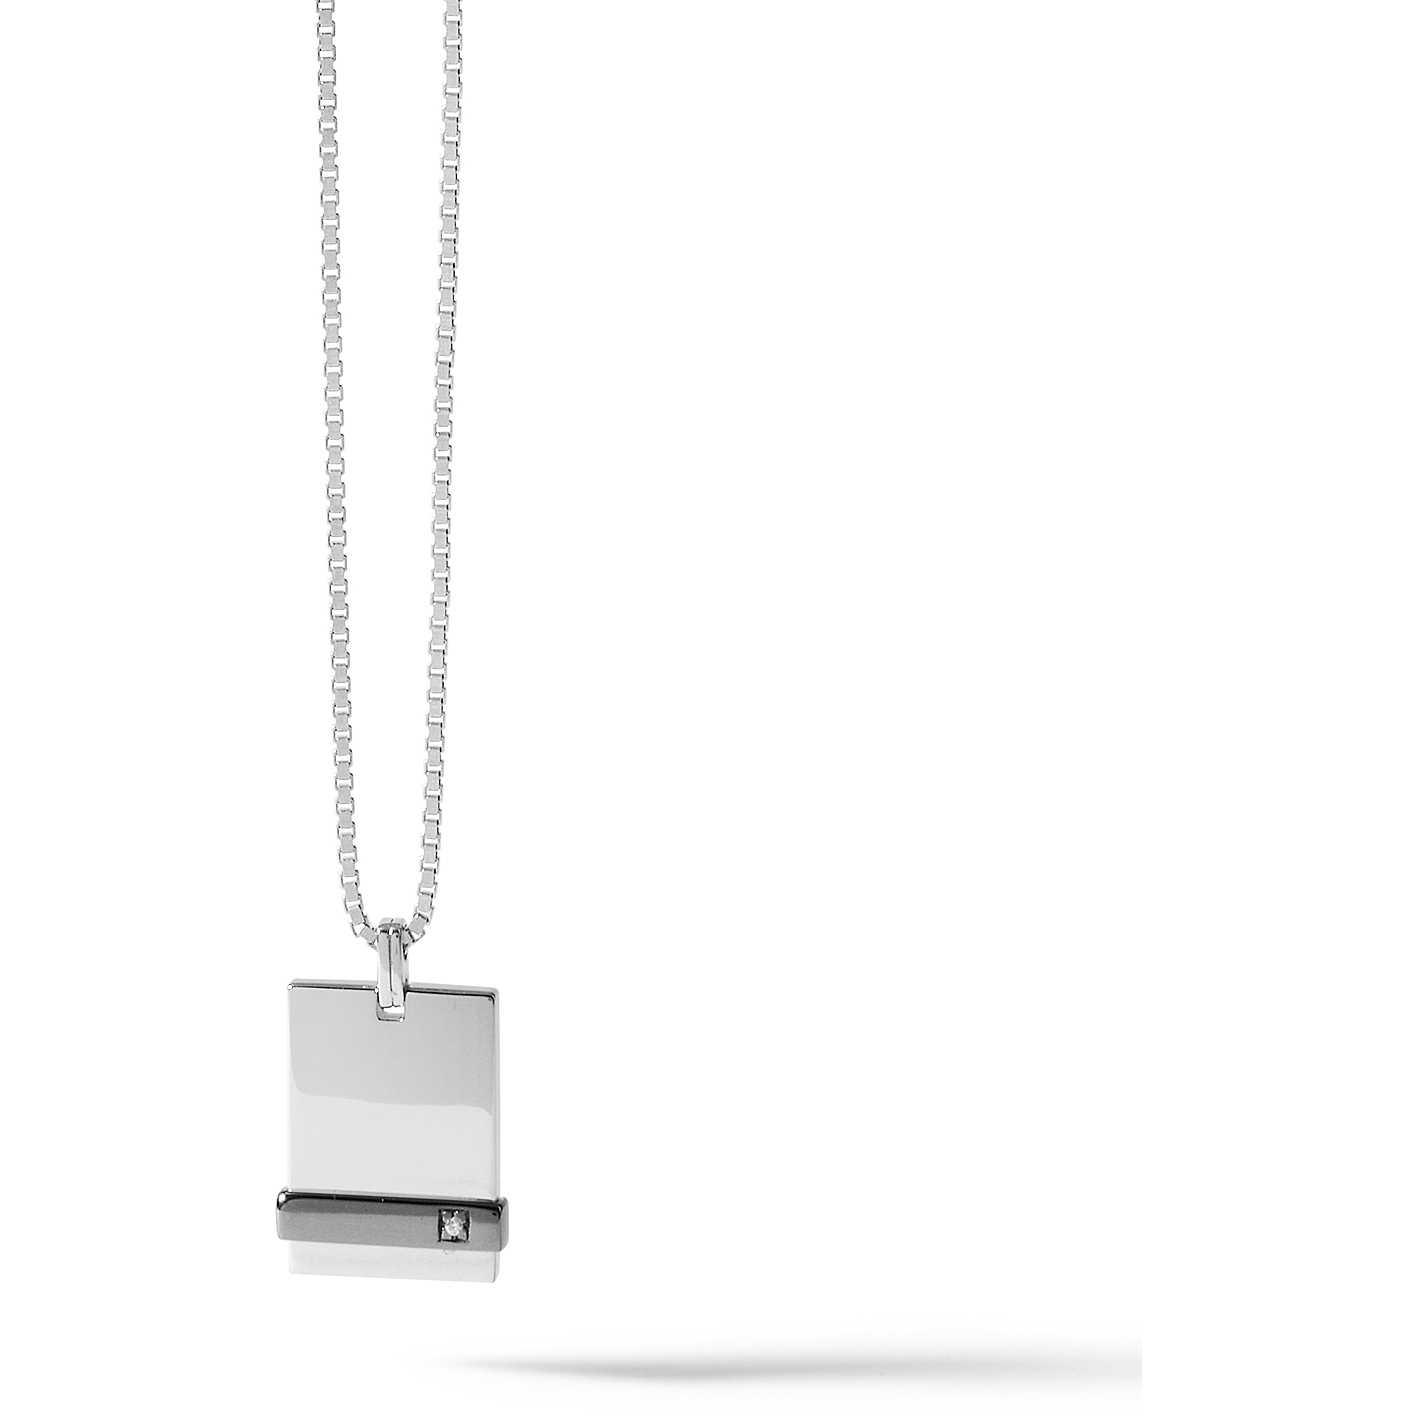 sito ufficiale vendita scontata Il miglior posto collana uomo gioielli Comete Business UGL 564 collane Comete